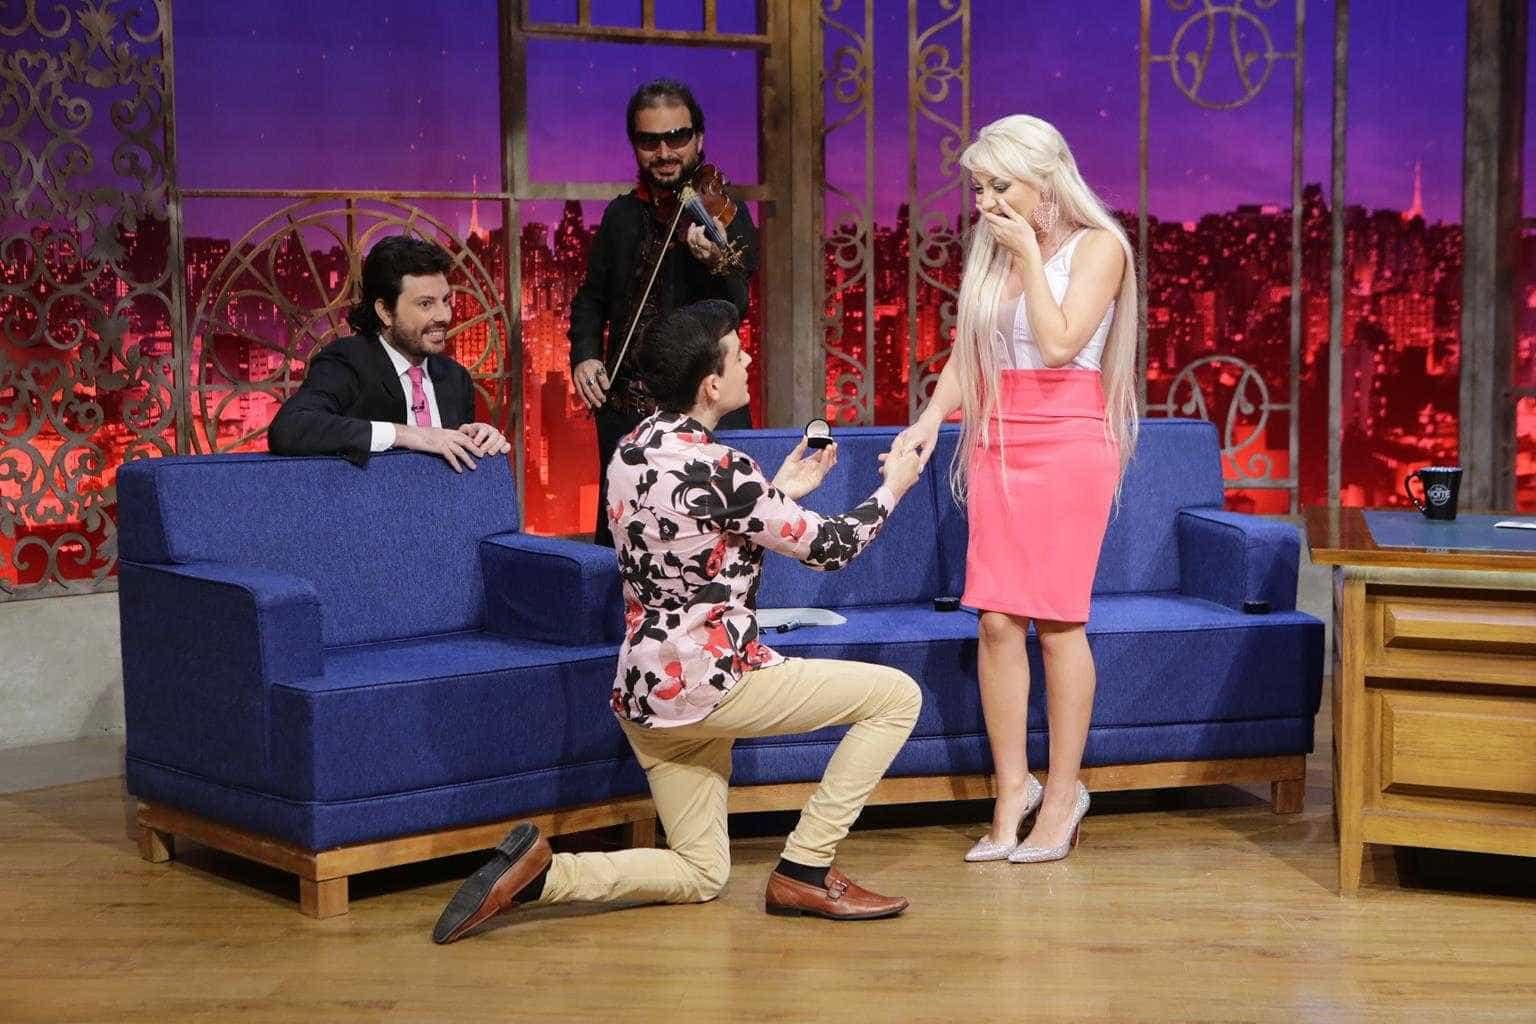 Dudu Camargo pede 'Barbie Humana' em namoro na TV